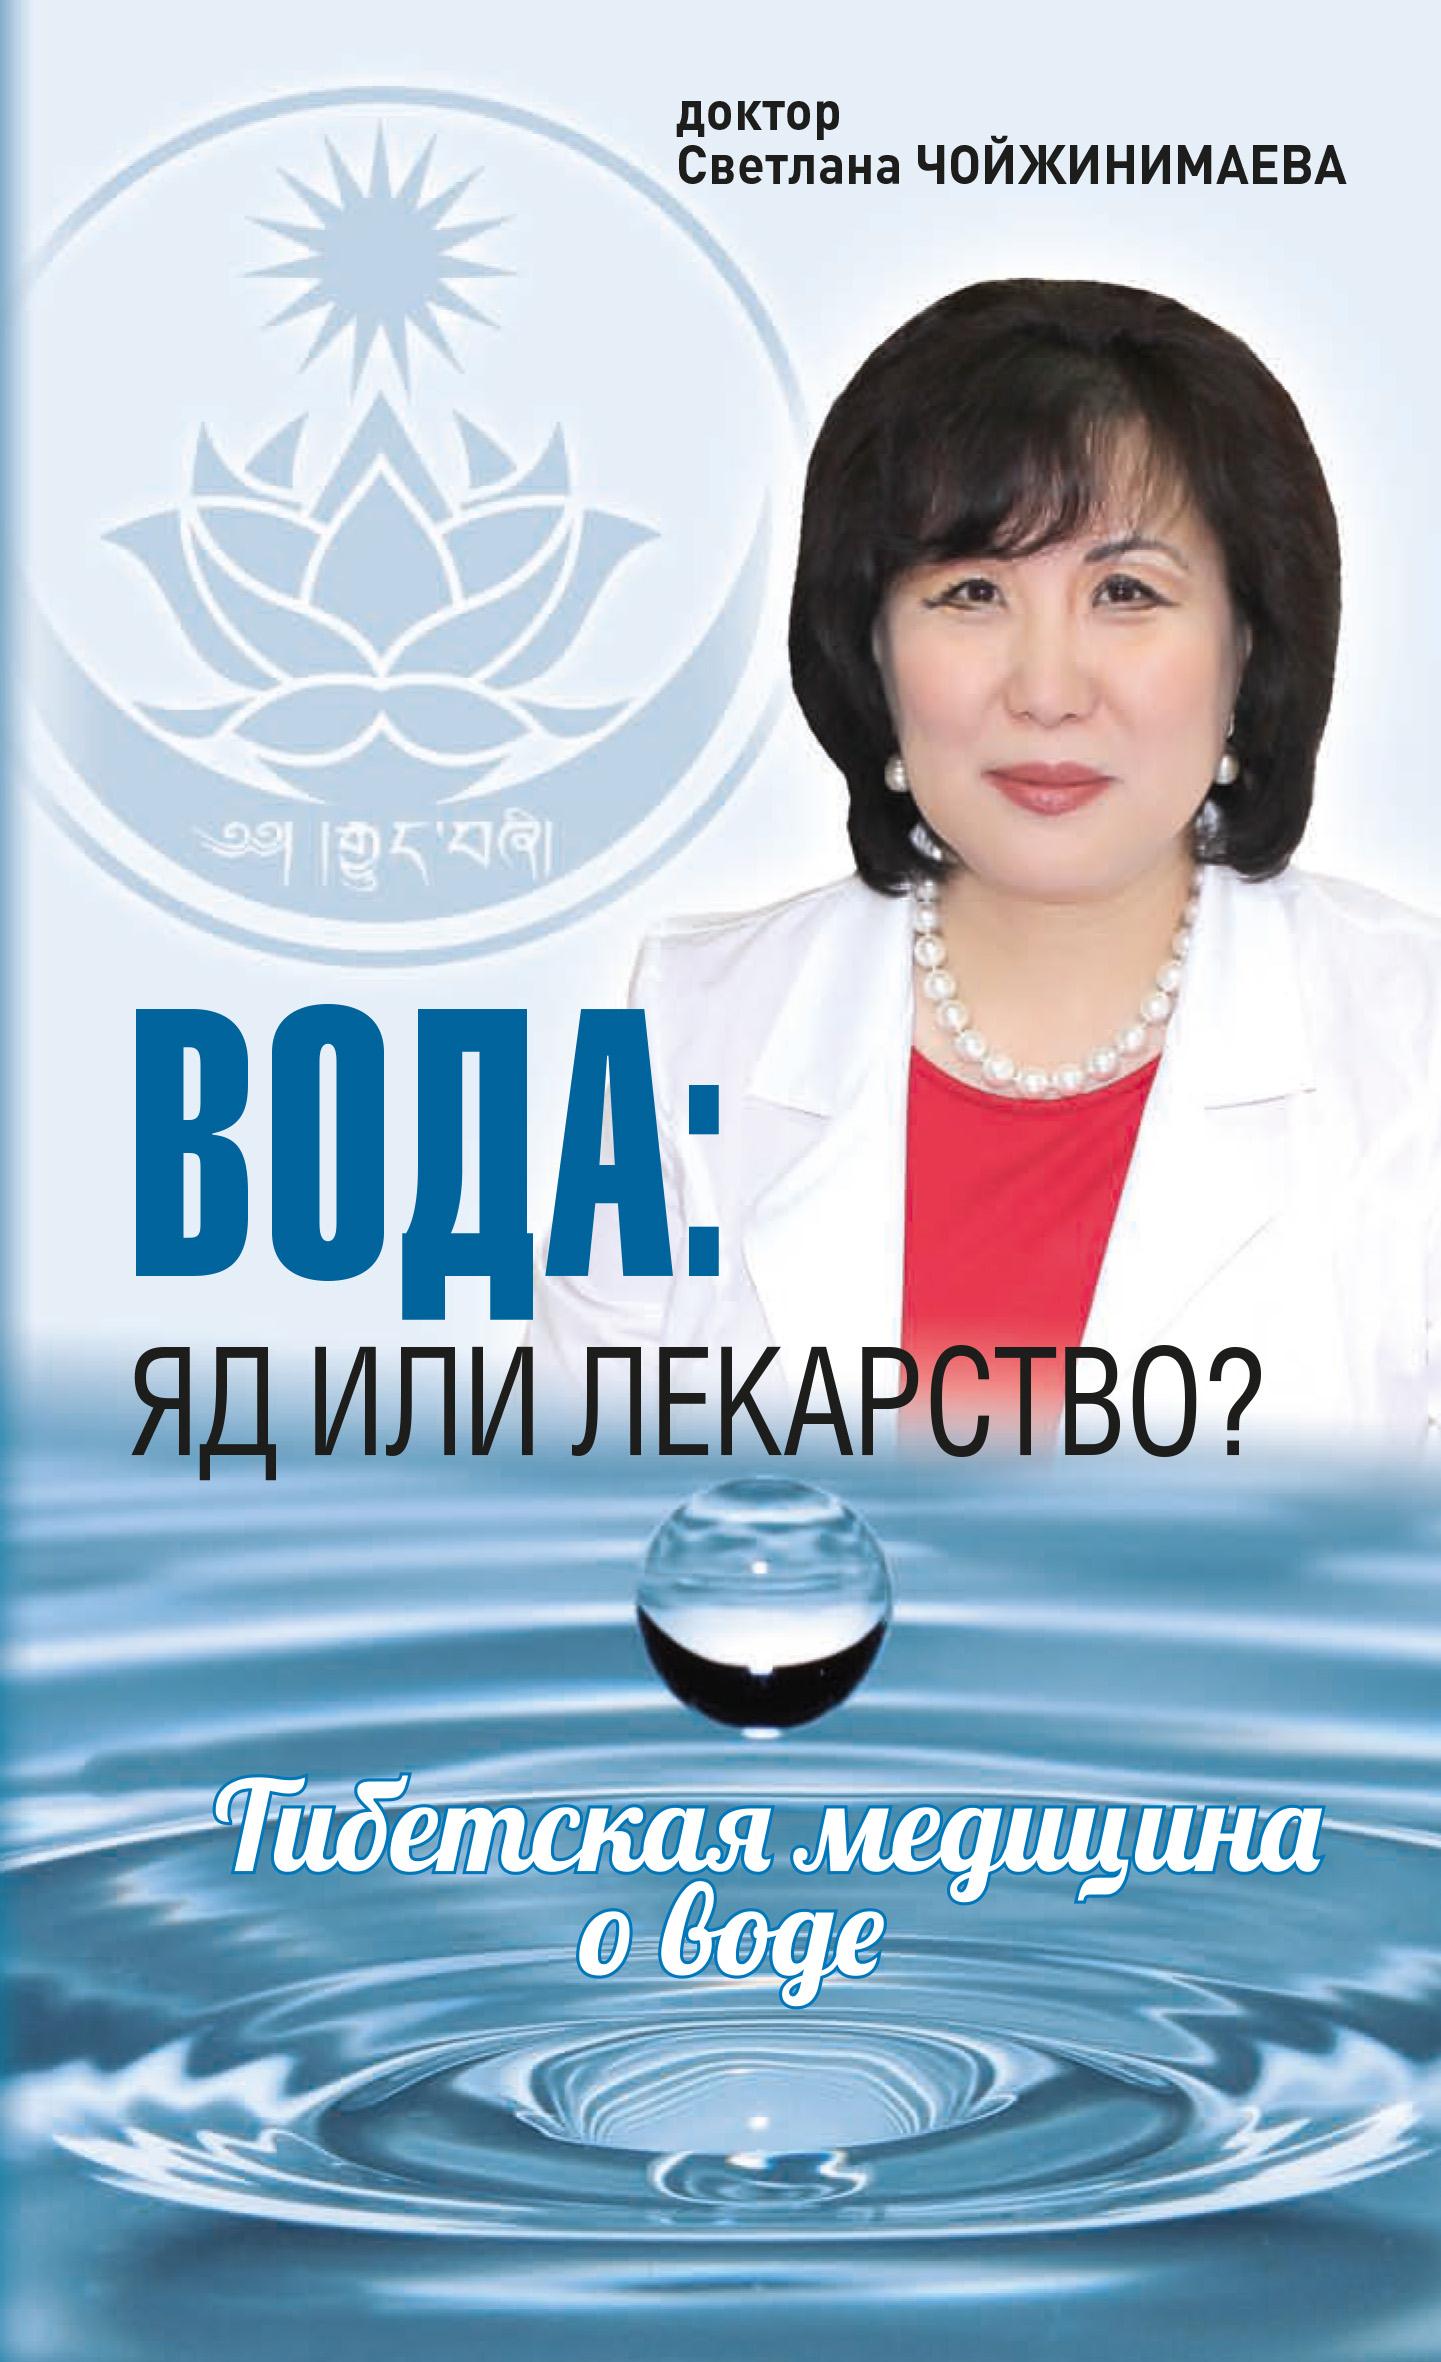 Светлана Чойжинимаева Вода: яд или лекарство? Тибетская медицина о воде чойжинимаева с вкусное питание тибетская врачебная наука об искусстве еды